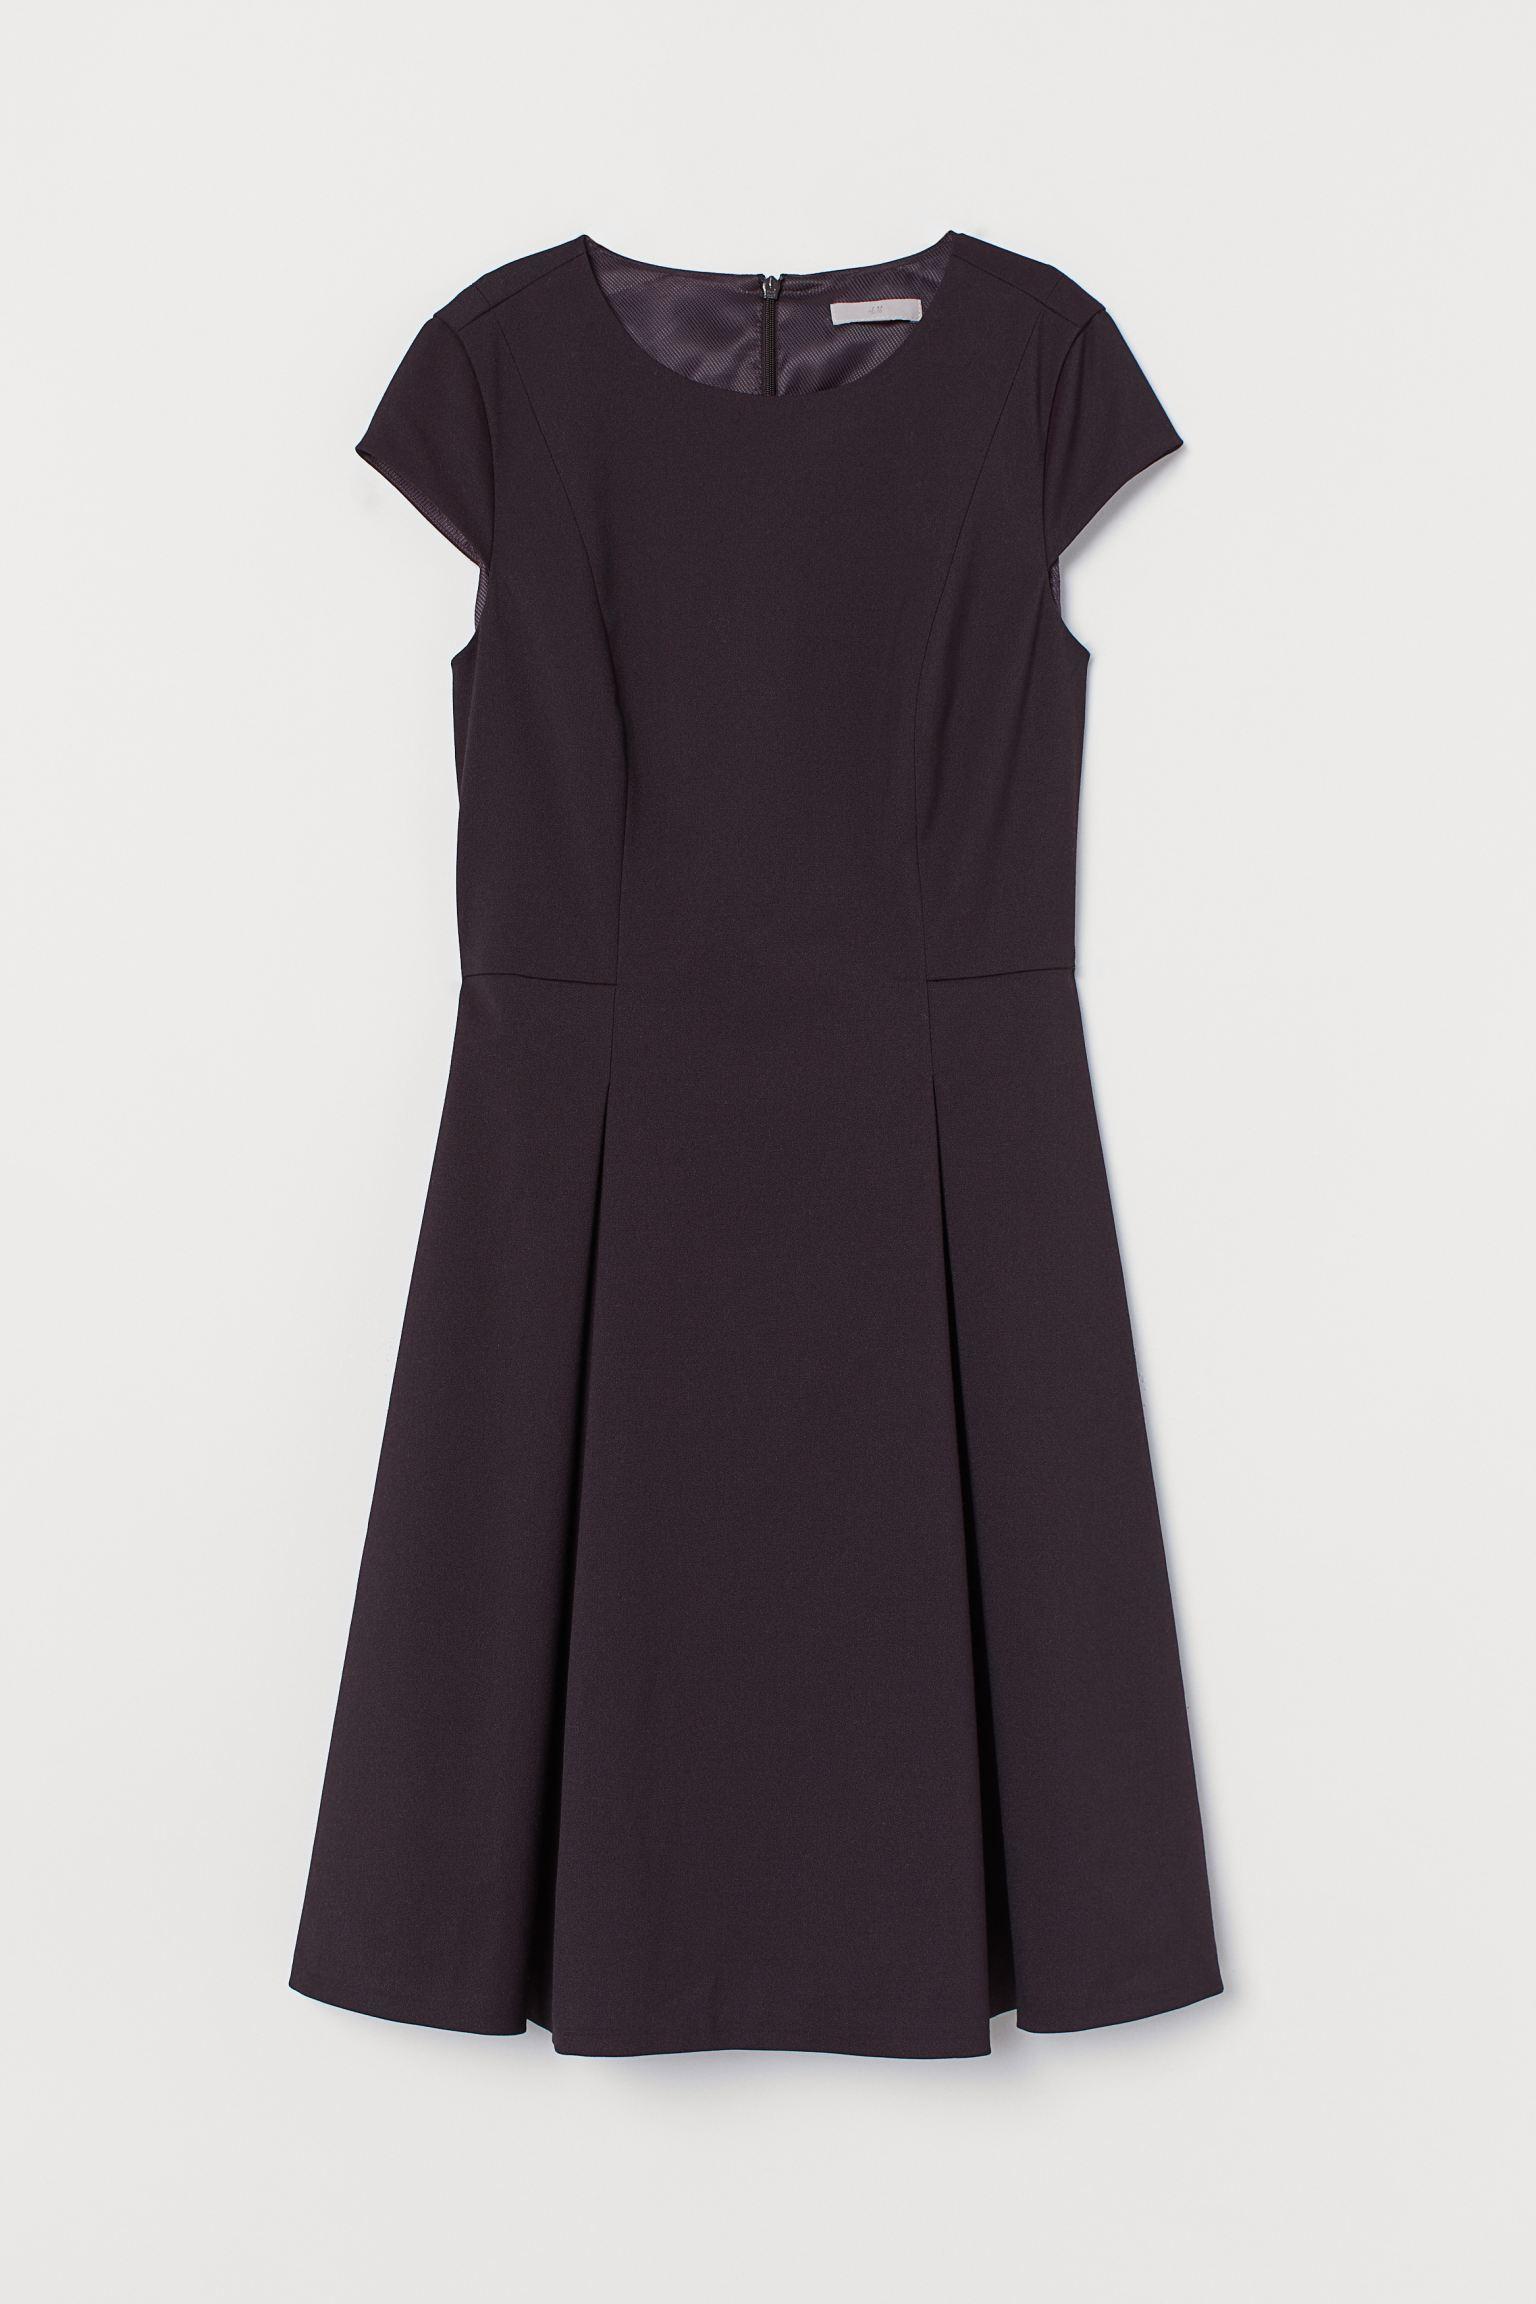 Отзыв на Платье с Крышка рукава из Интернет-Магазина H&M